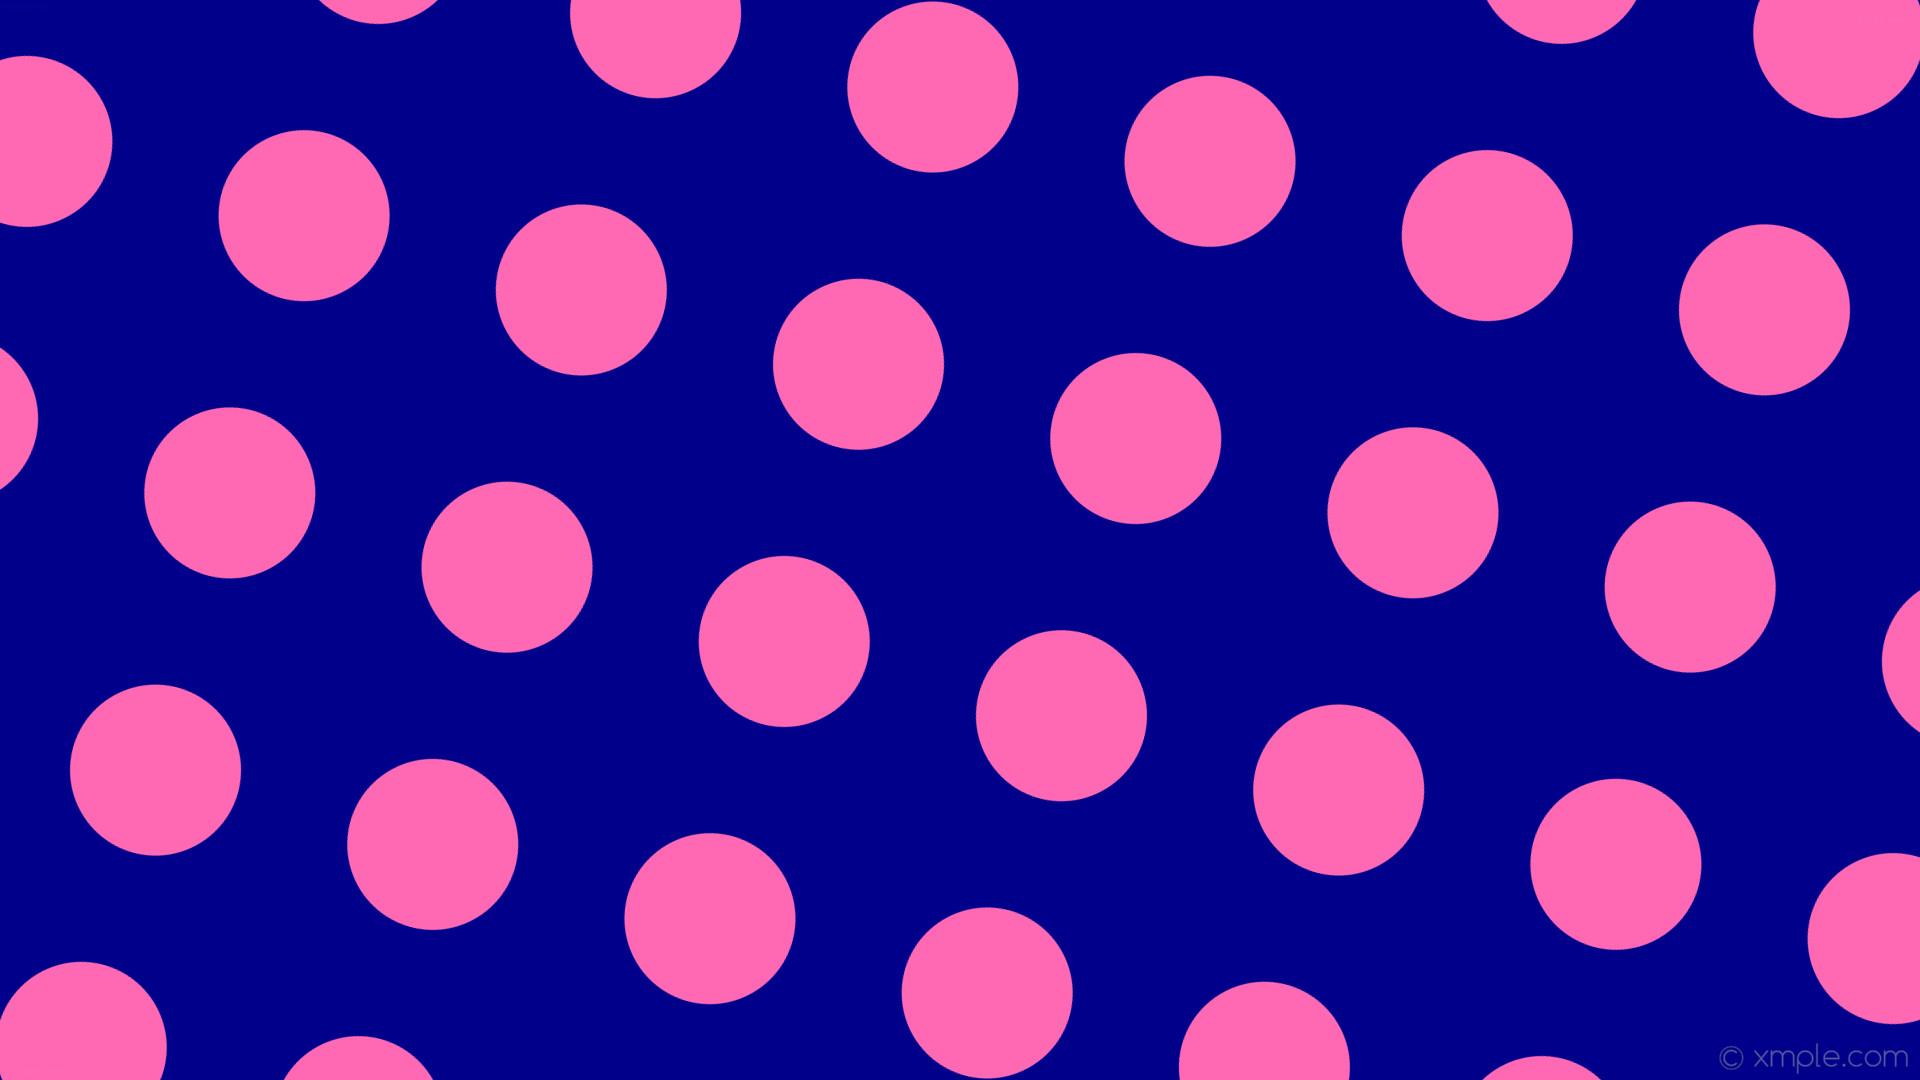 wallpaper spots blue pink polka dots dark blue hot pink #00008b #ff69b4 165°